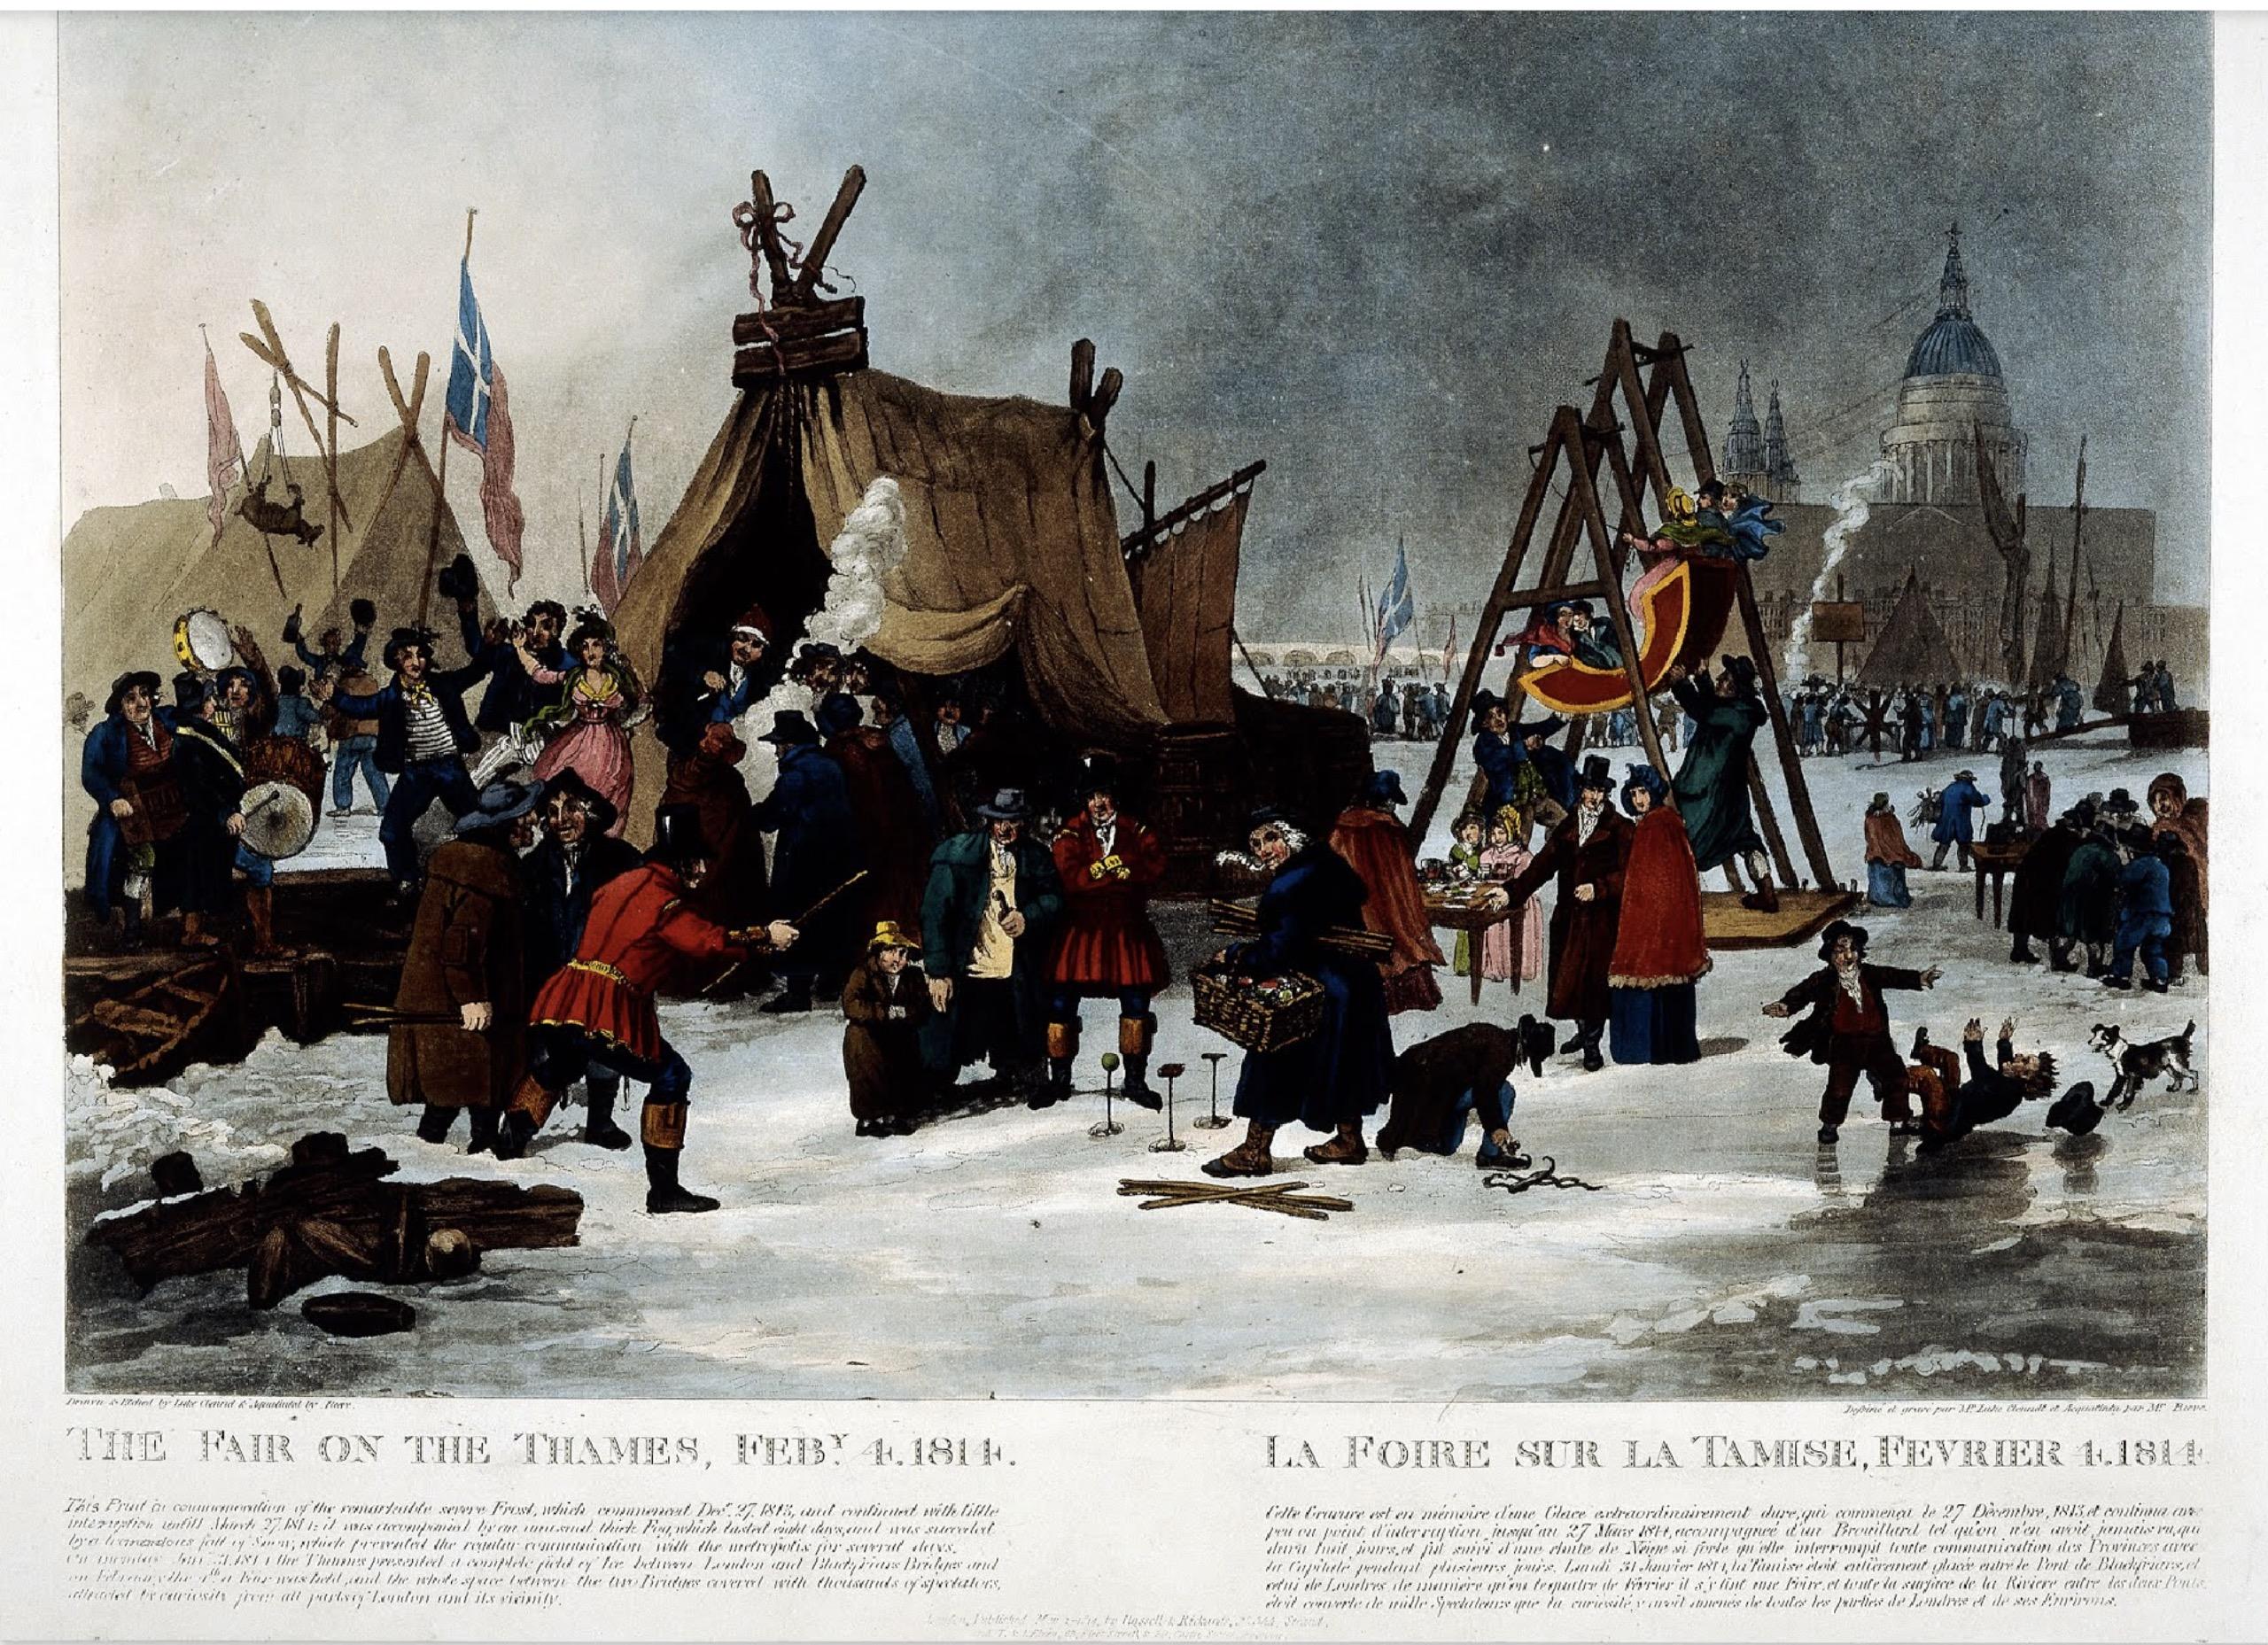 Foire sur la tamise 1814